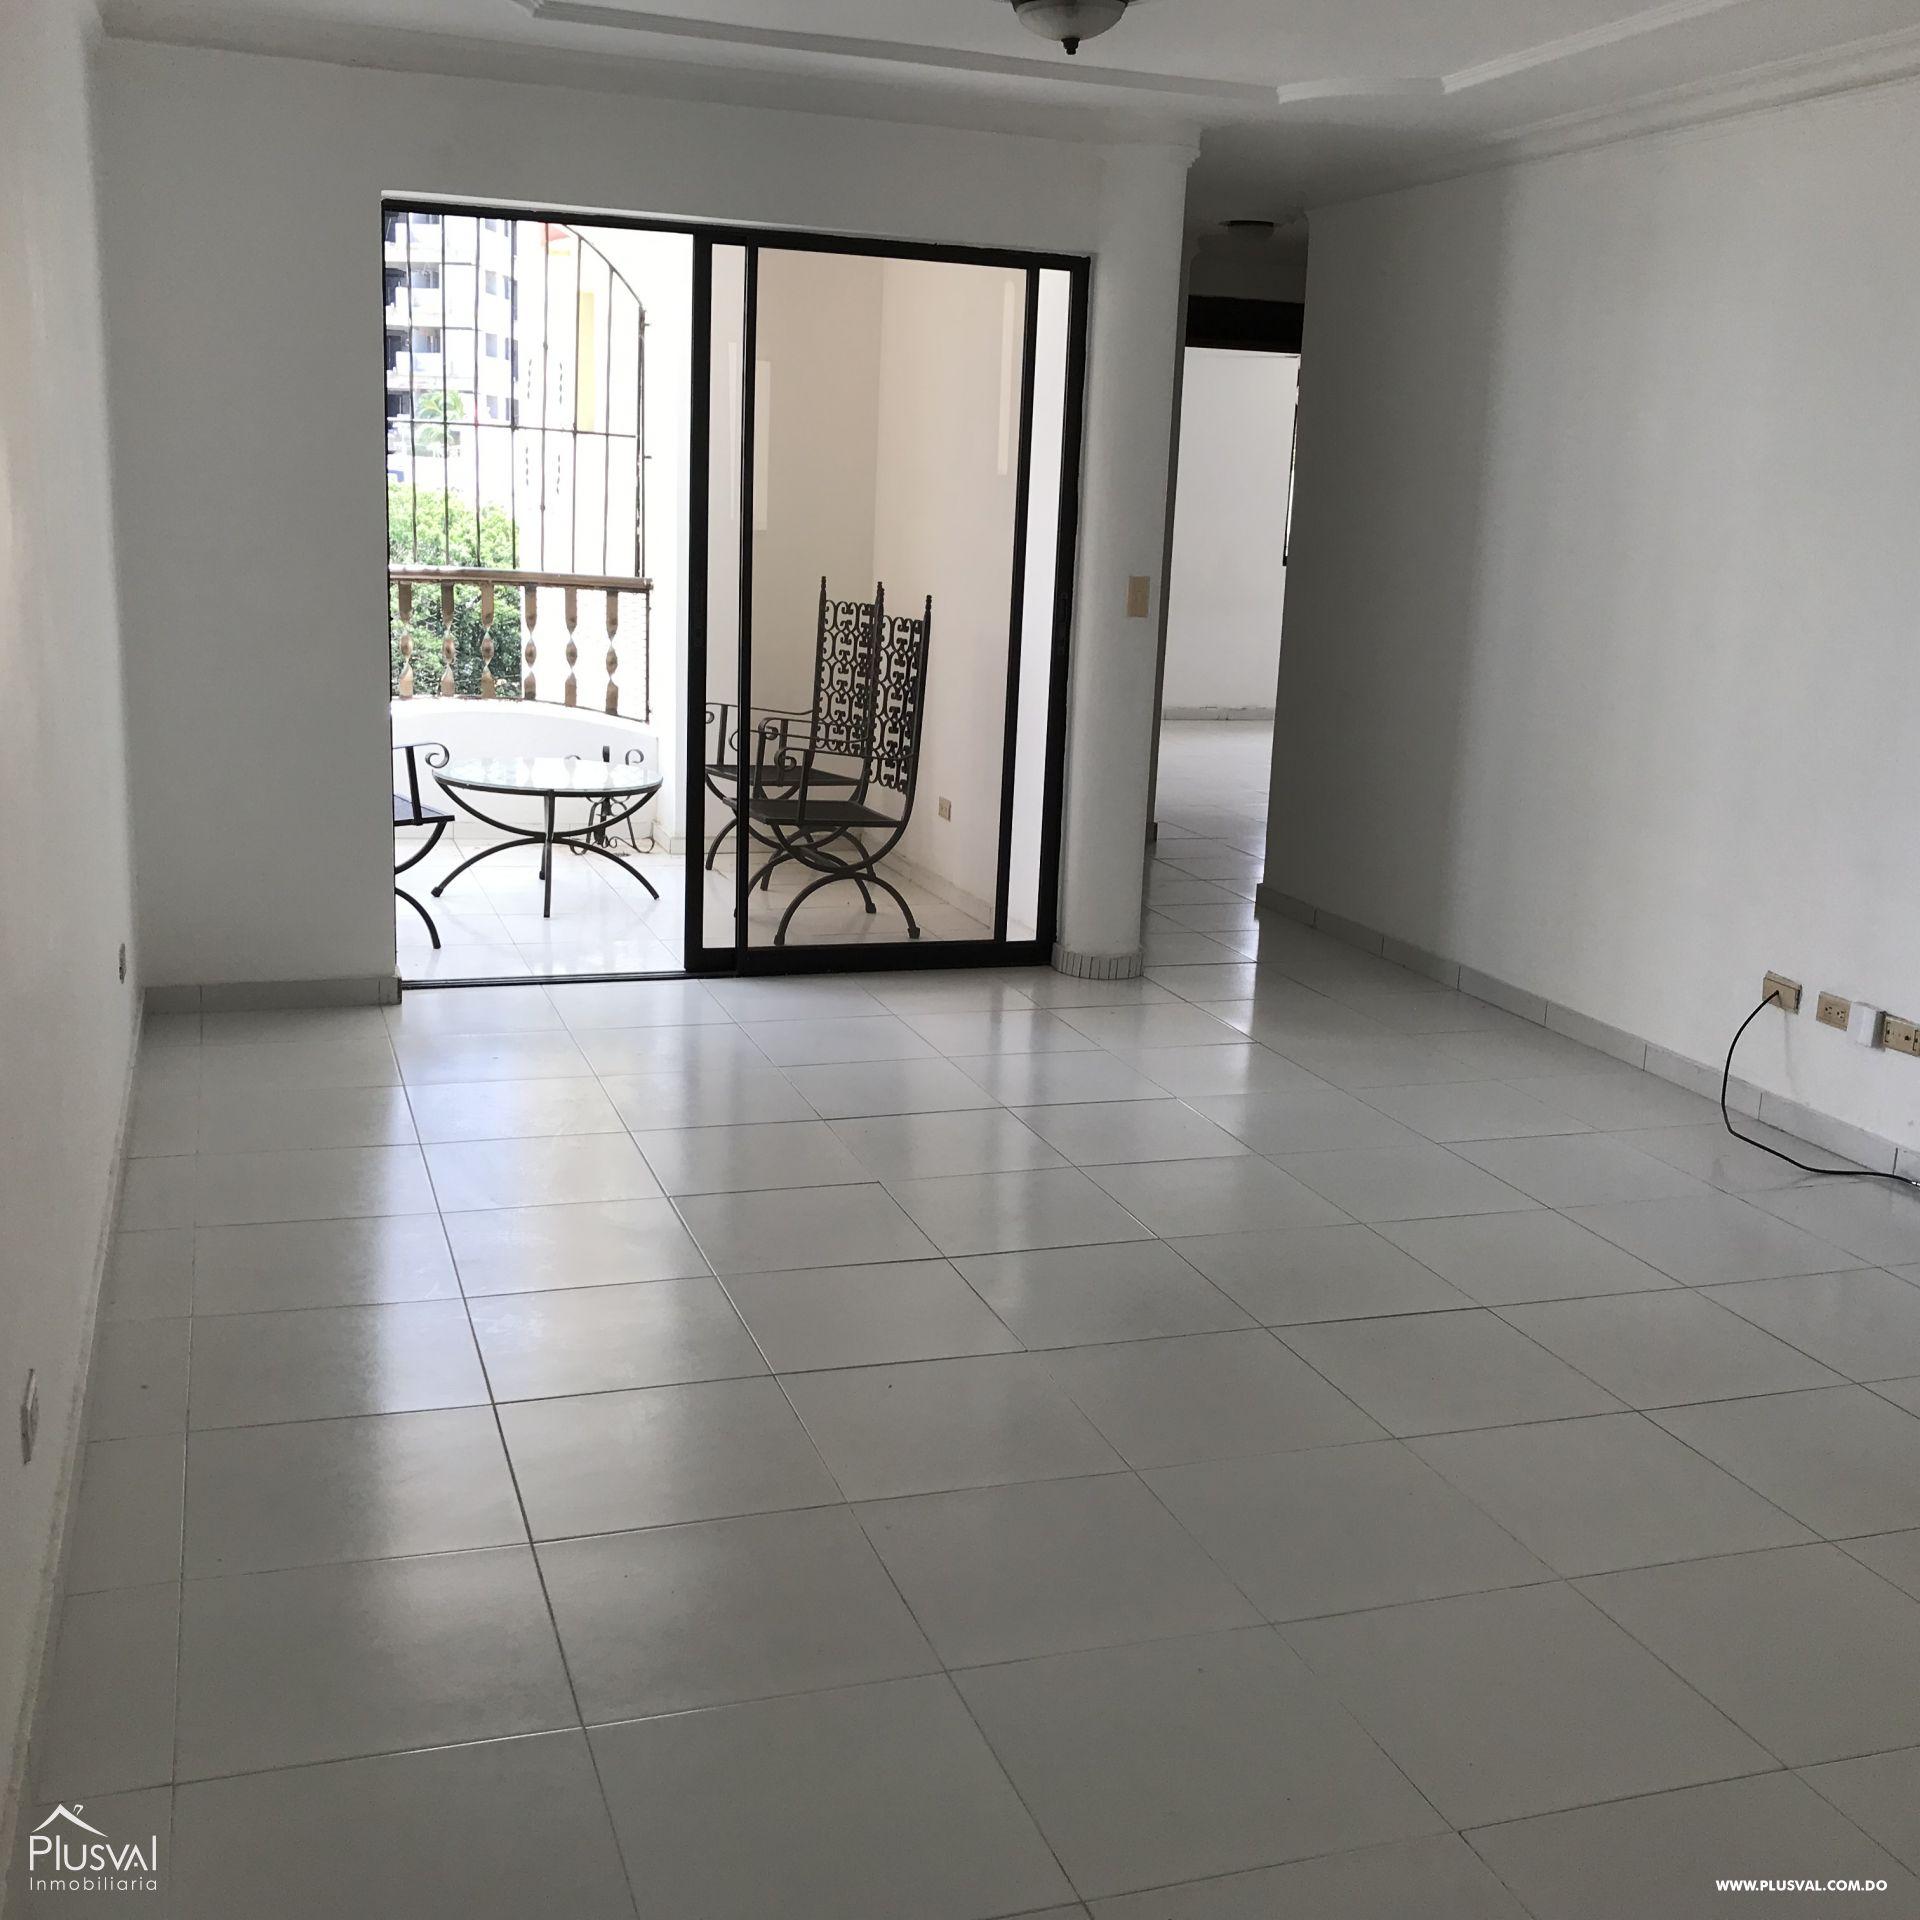 Apartamento en venta en el sector de serralles de buena distribución e iluminado